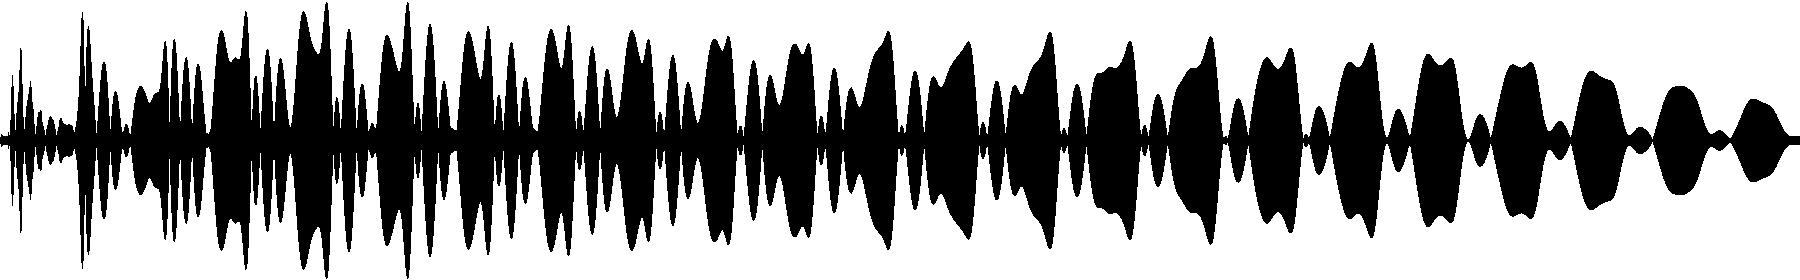 vedh bass cut 042 a